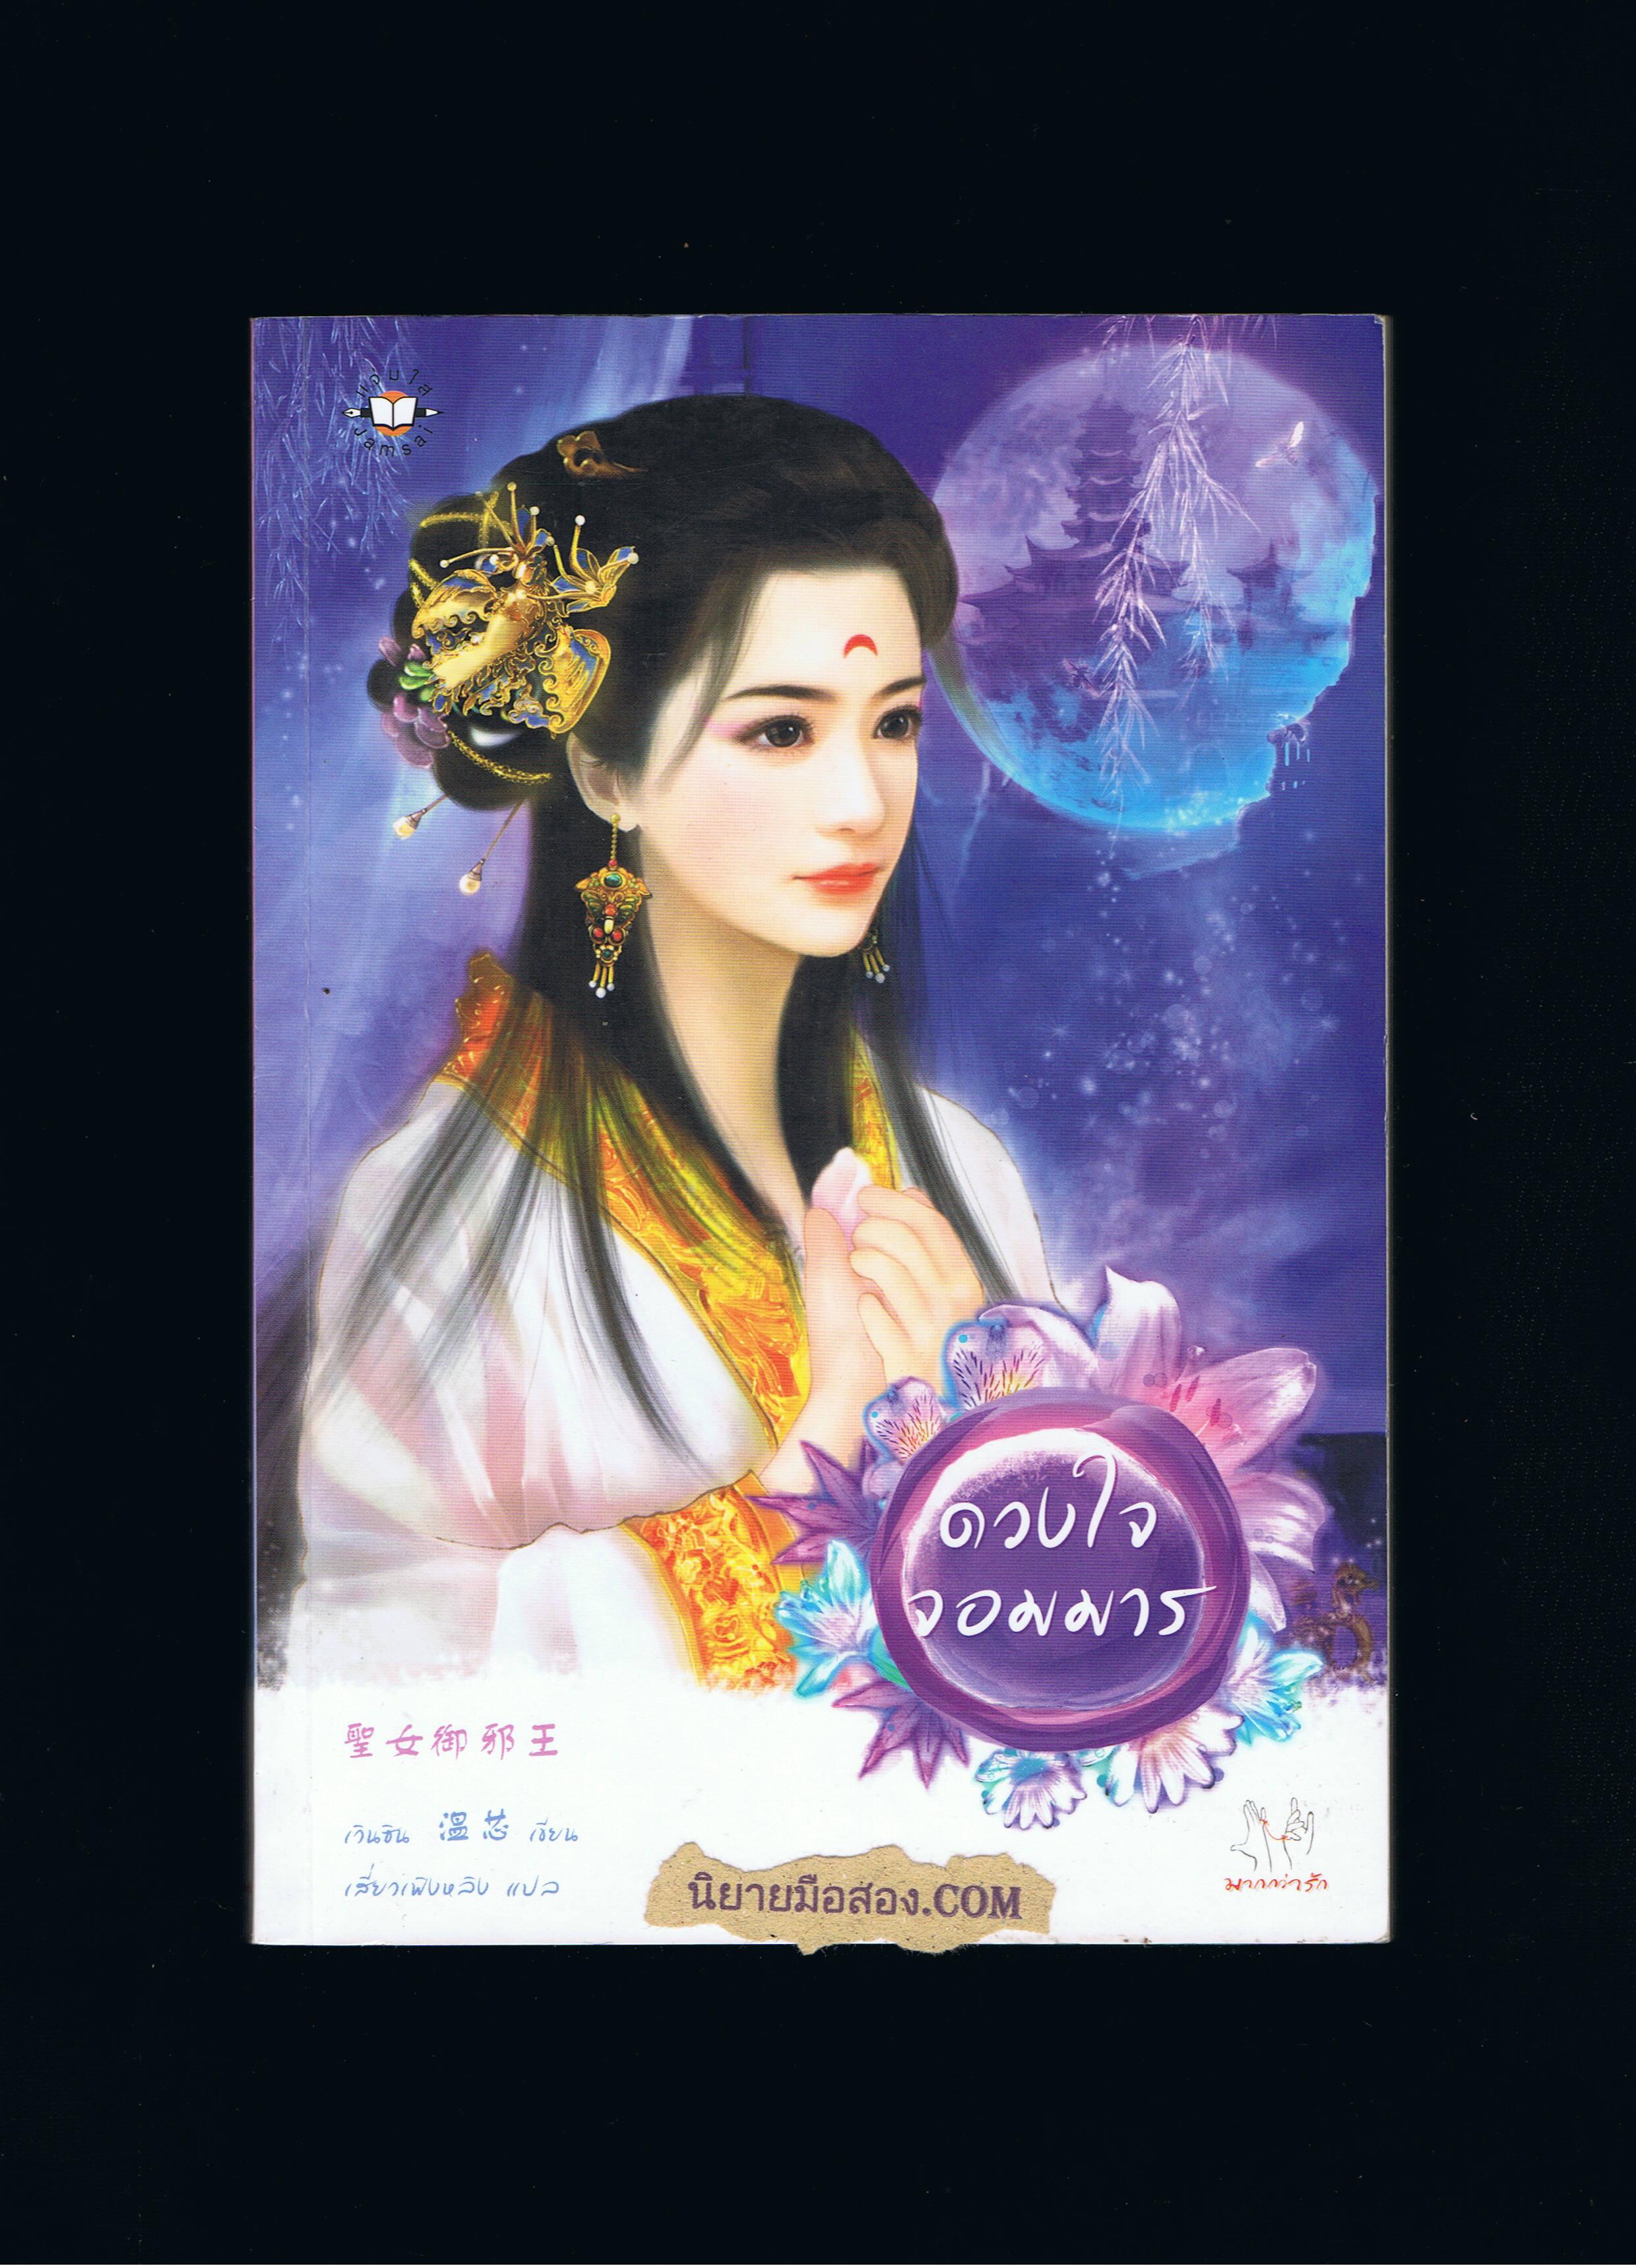 ดวงใจจอมมาร (ดวงใจจอมมาร #2) 聖女御邪王 เวินซิน (溫芯) เสี่ยวเฟิงหลิง แจ่มใส มากกว่ารัก